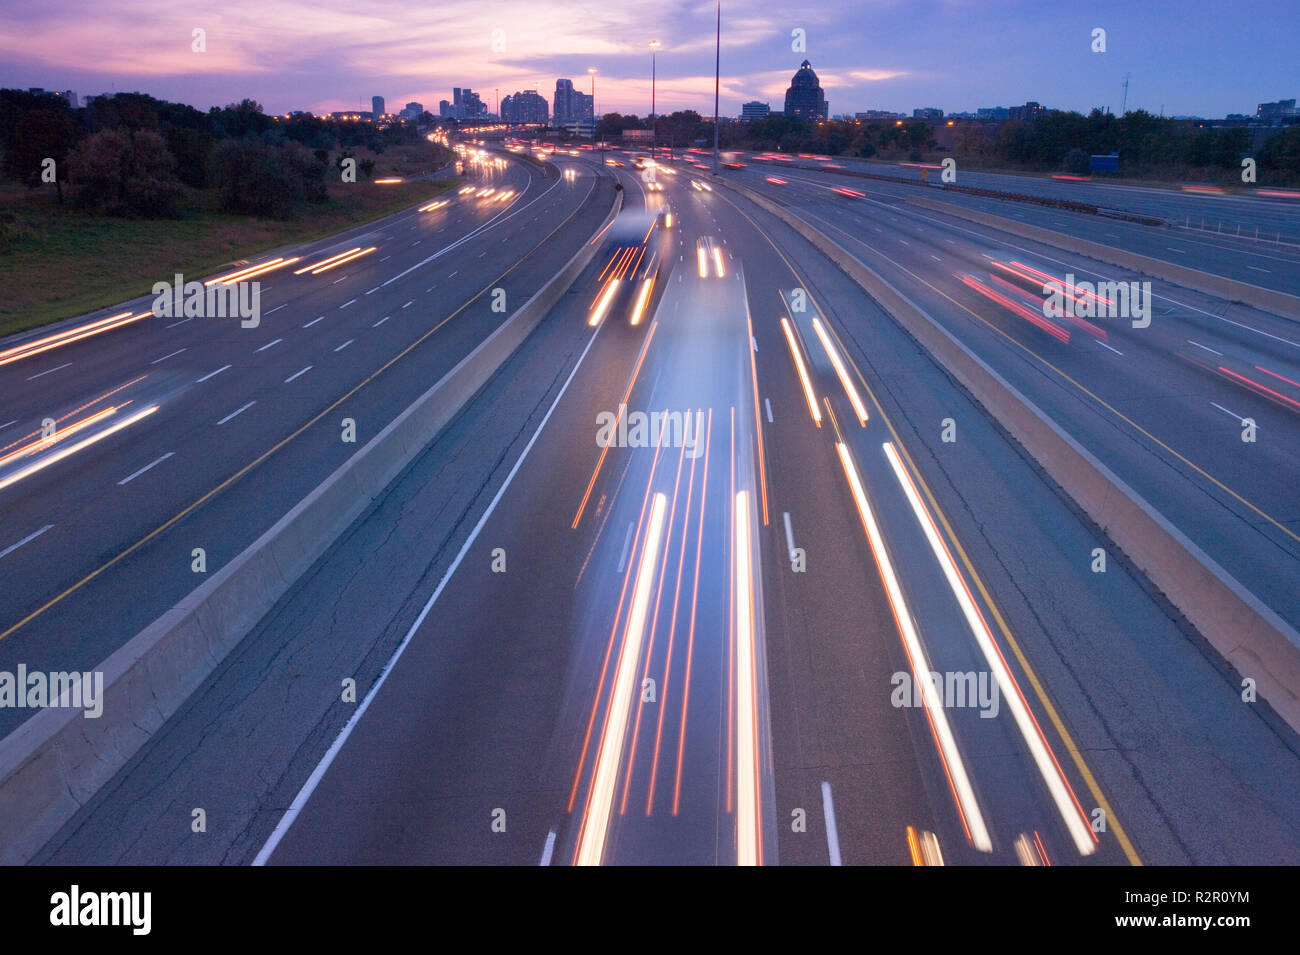 America del nord, Canada Ontario, Toronto, traffico su autostrada 401 al tramonto, una delle strade più trafficate nel mondo Immagini Stock